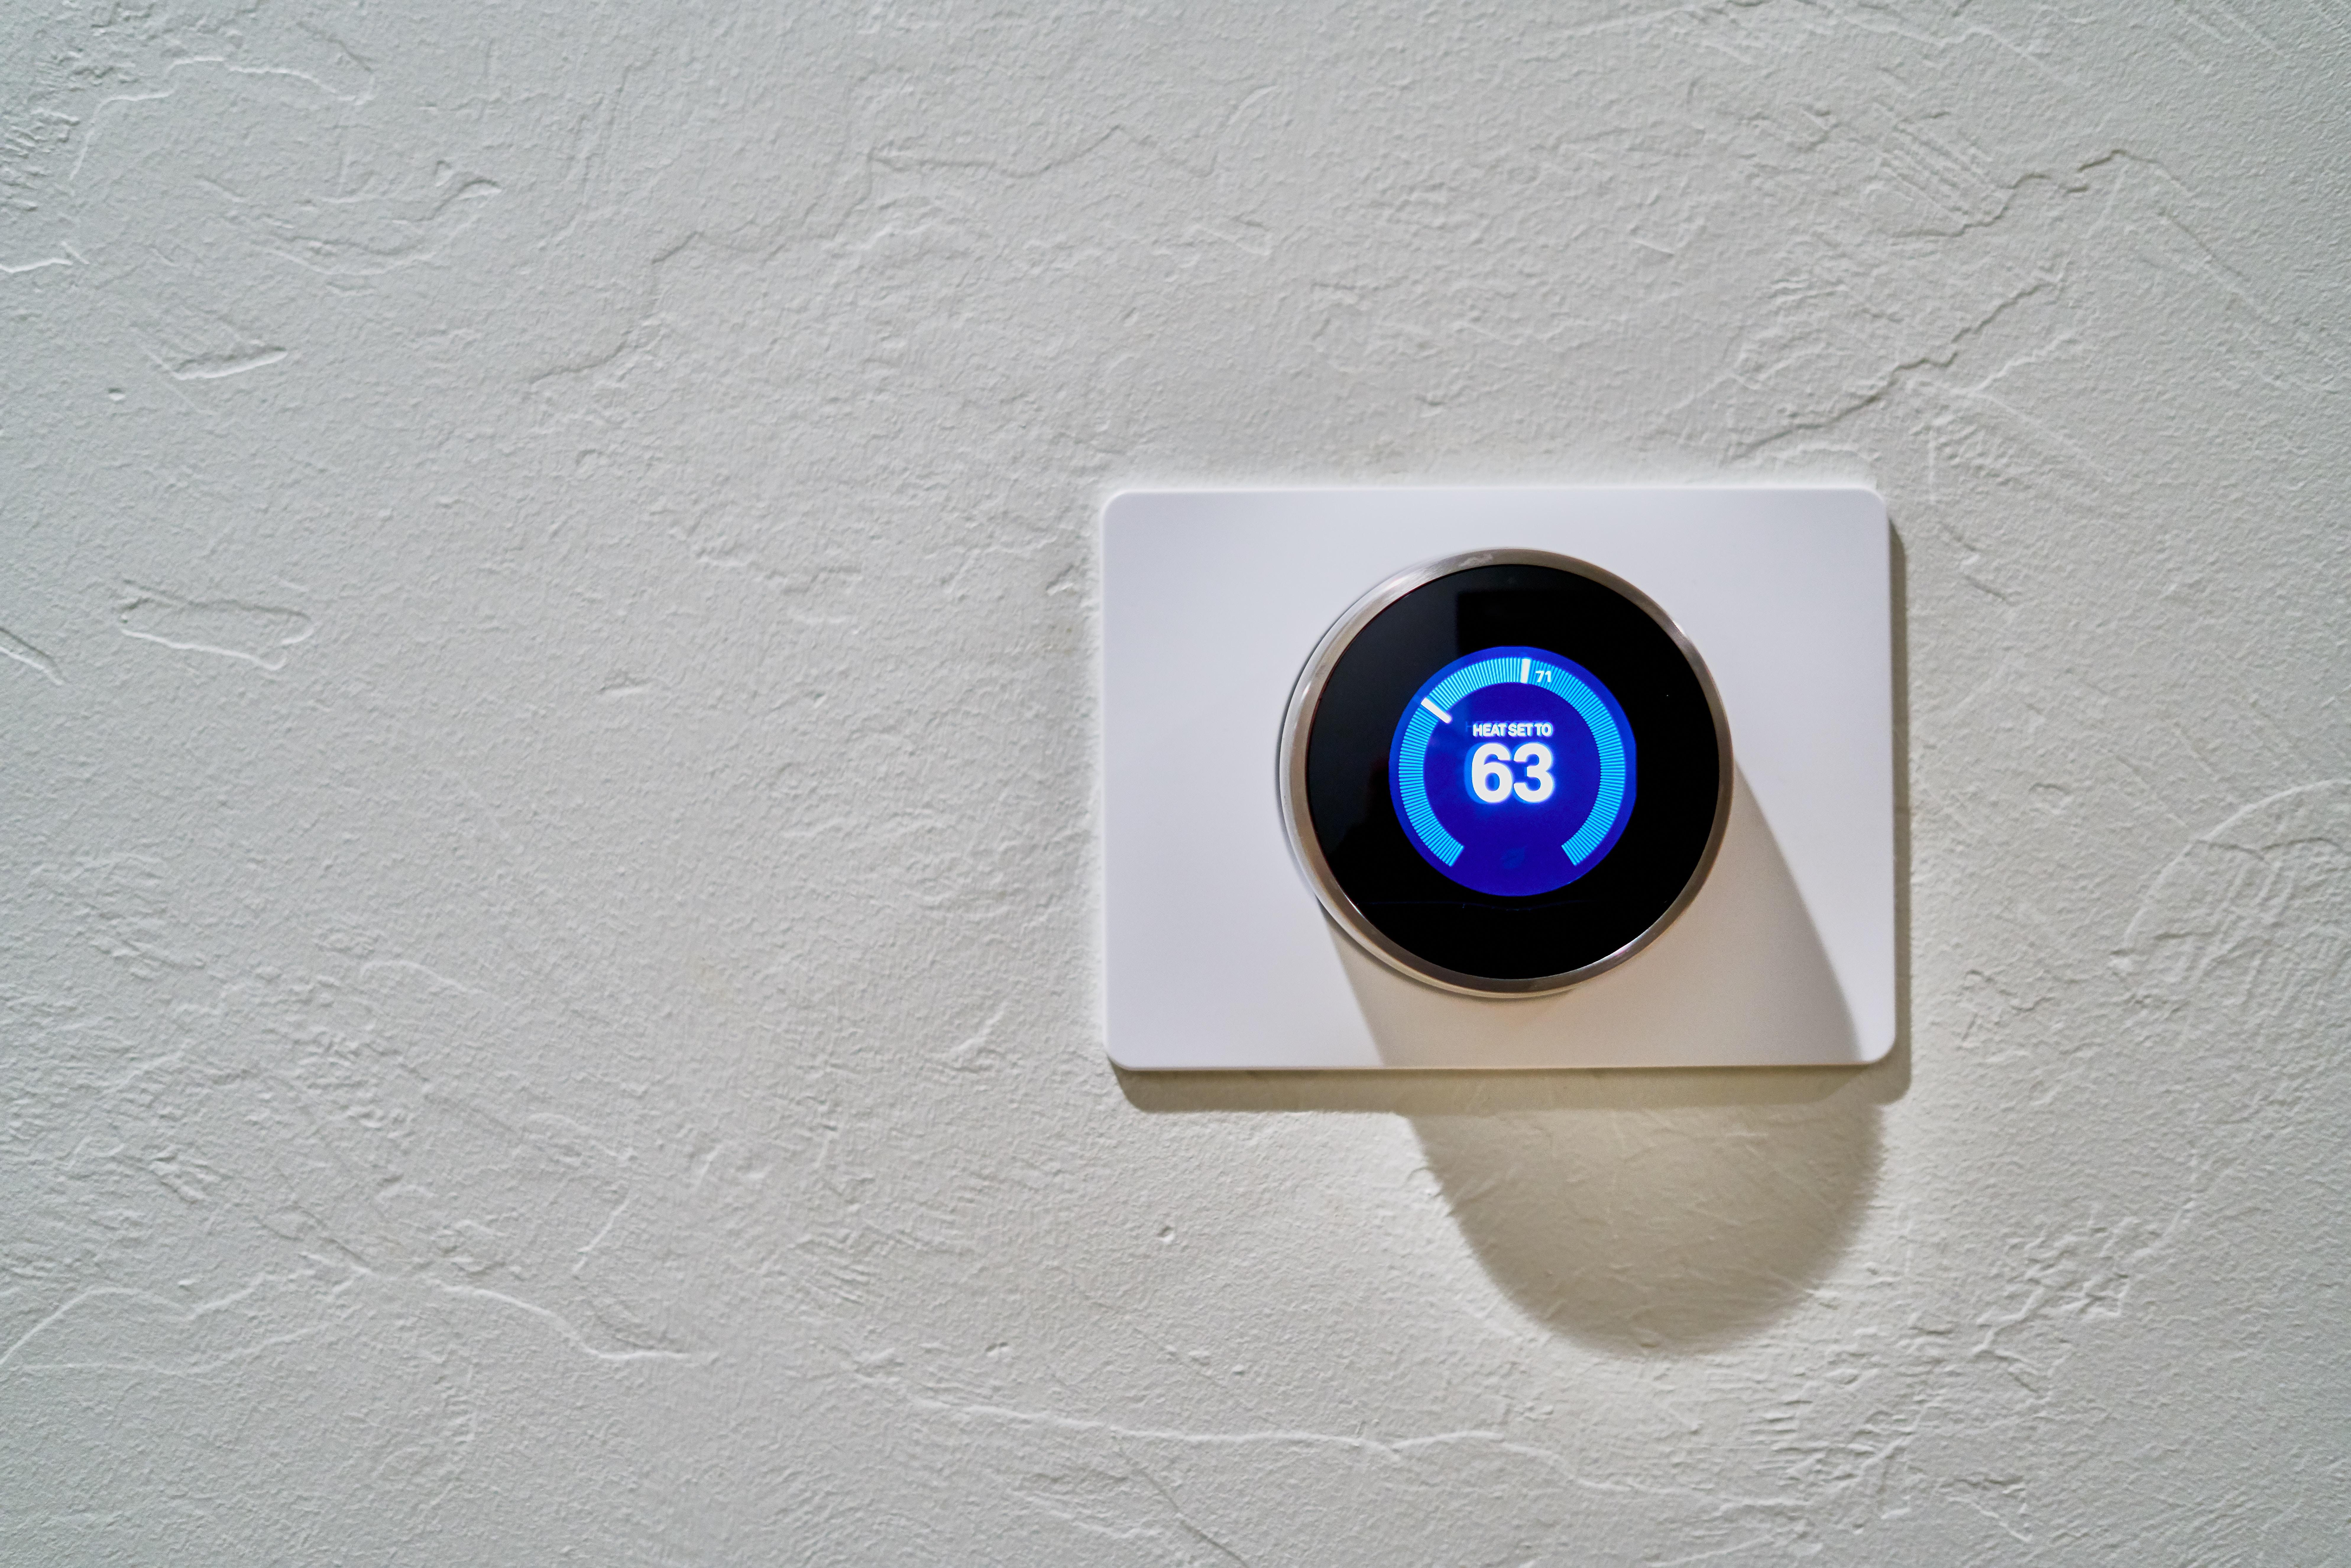 Ahorrar en calefacción: programa el termostato